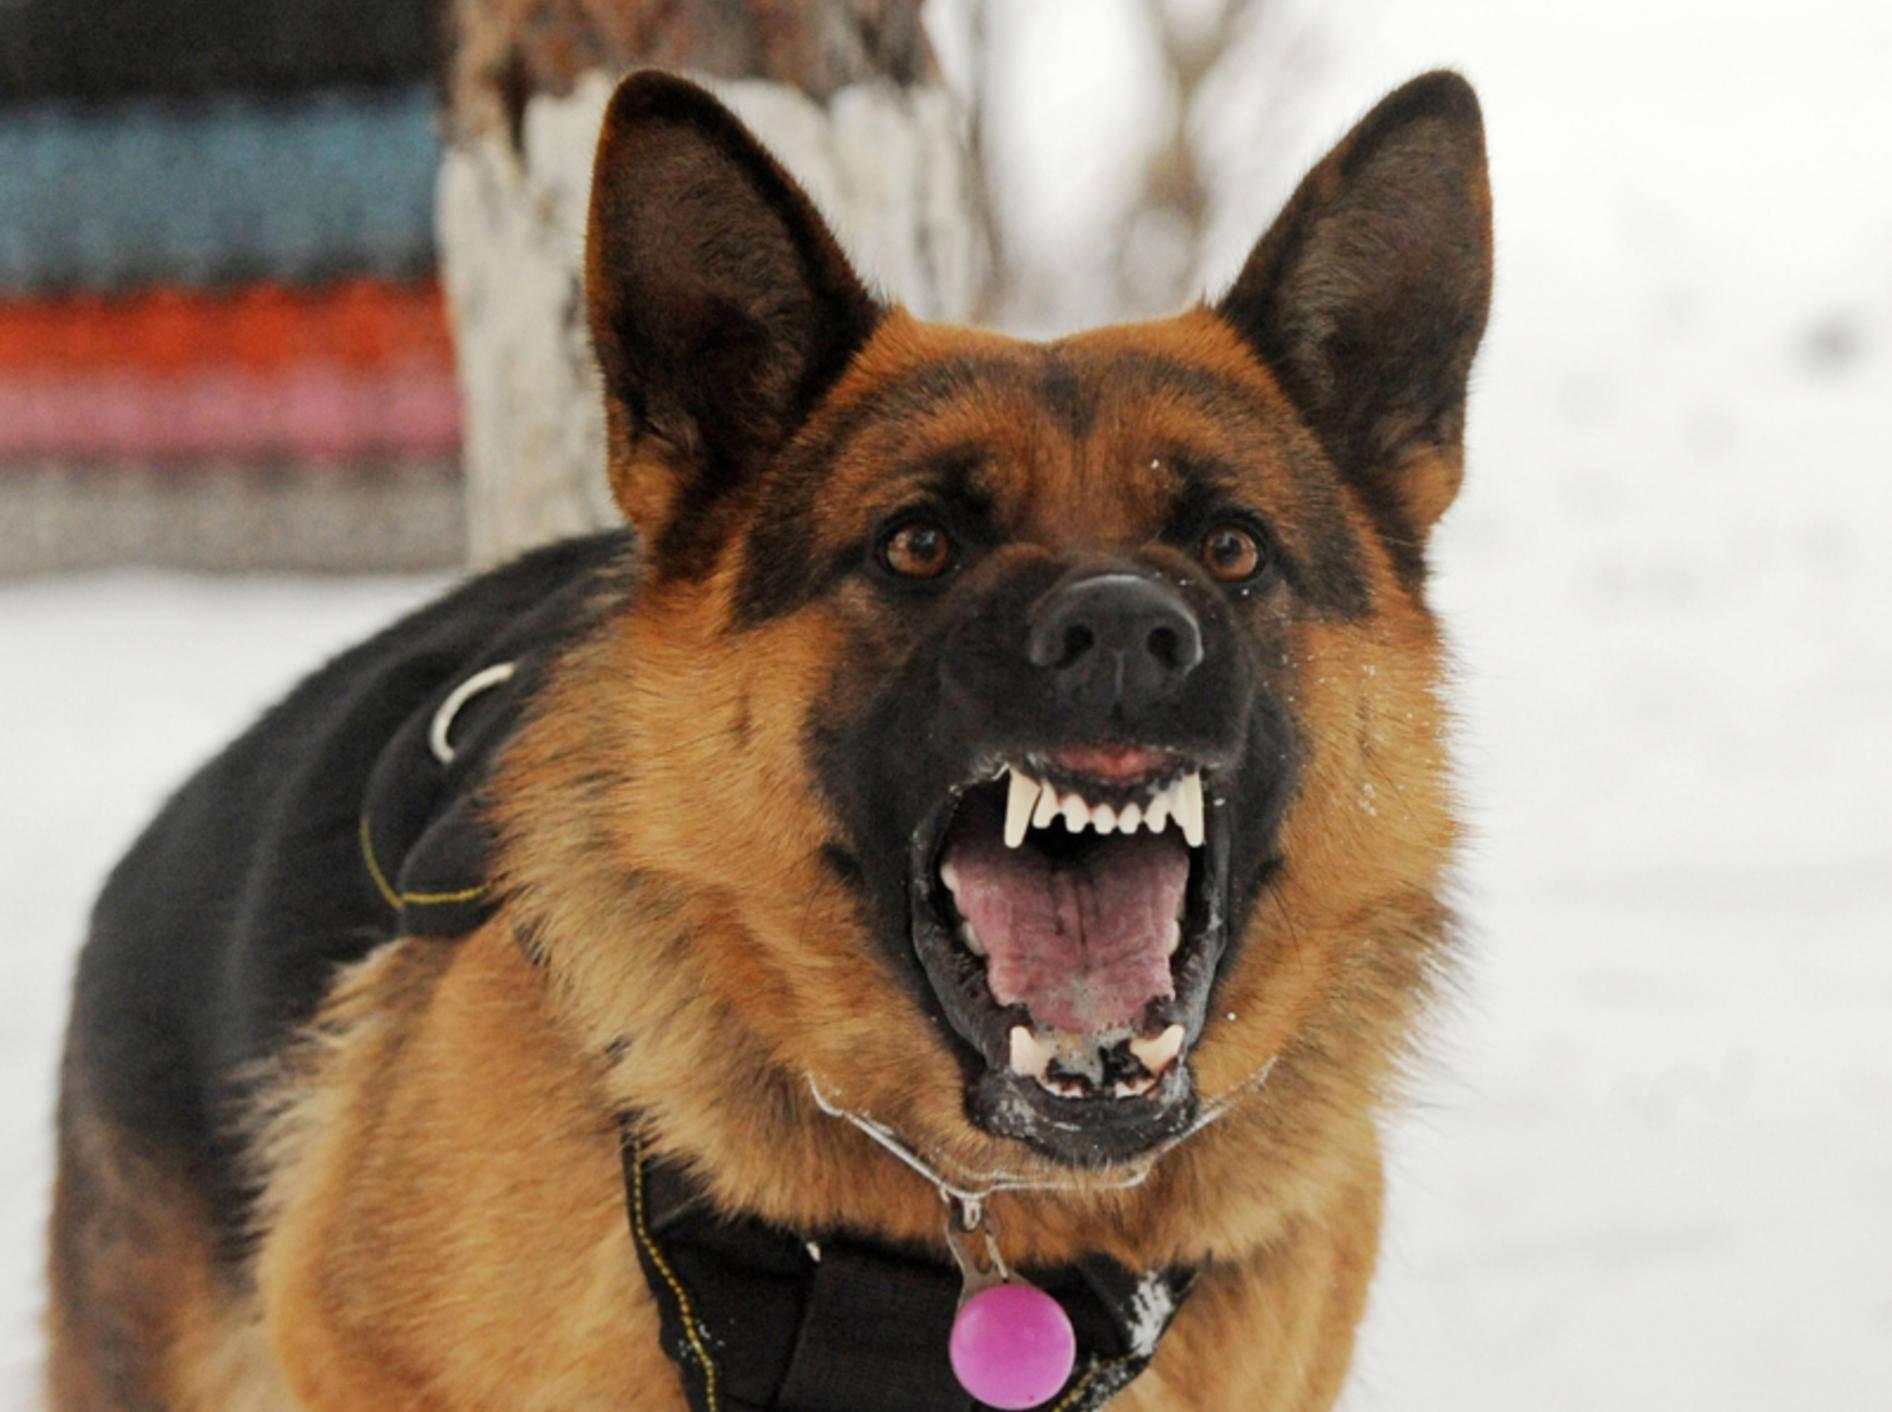 Aggression und Bissgkeit sind typische Symptome der ersten Phase der Tollwut – Bild: Shutterstock / Victoria Antanova